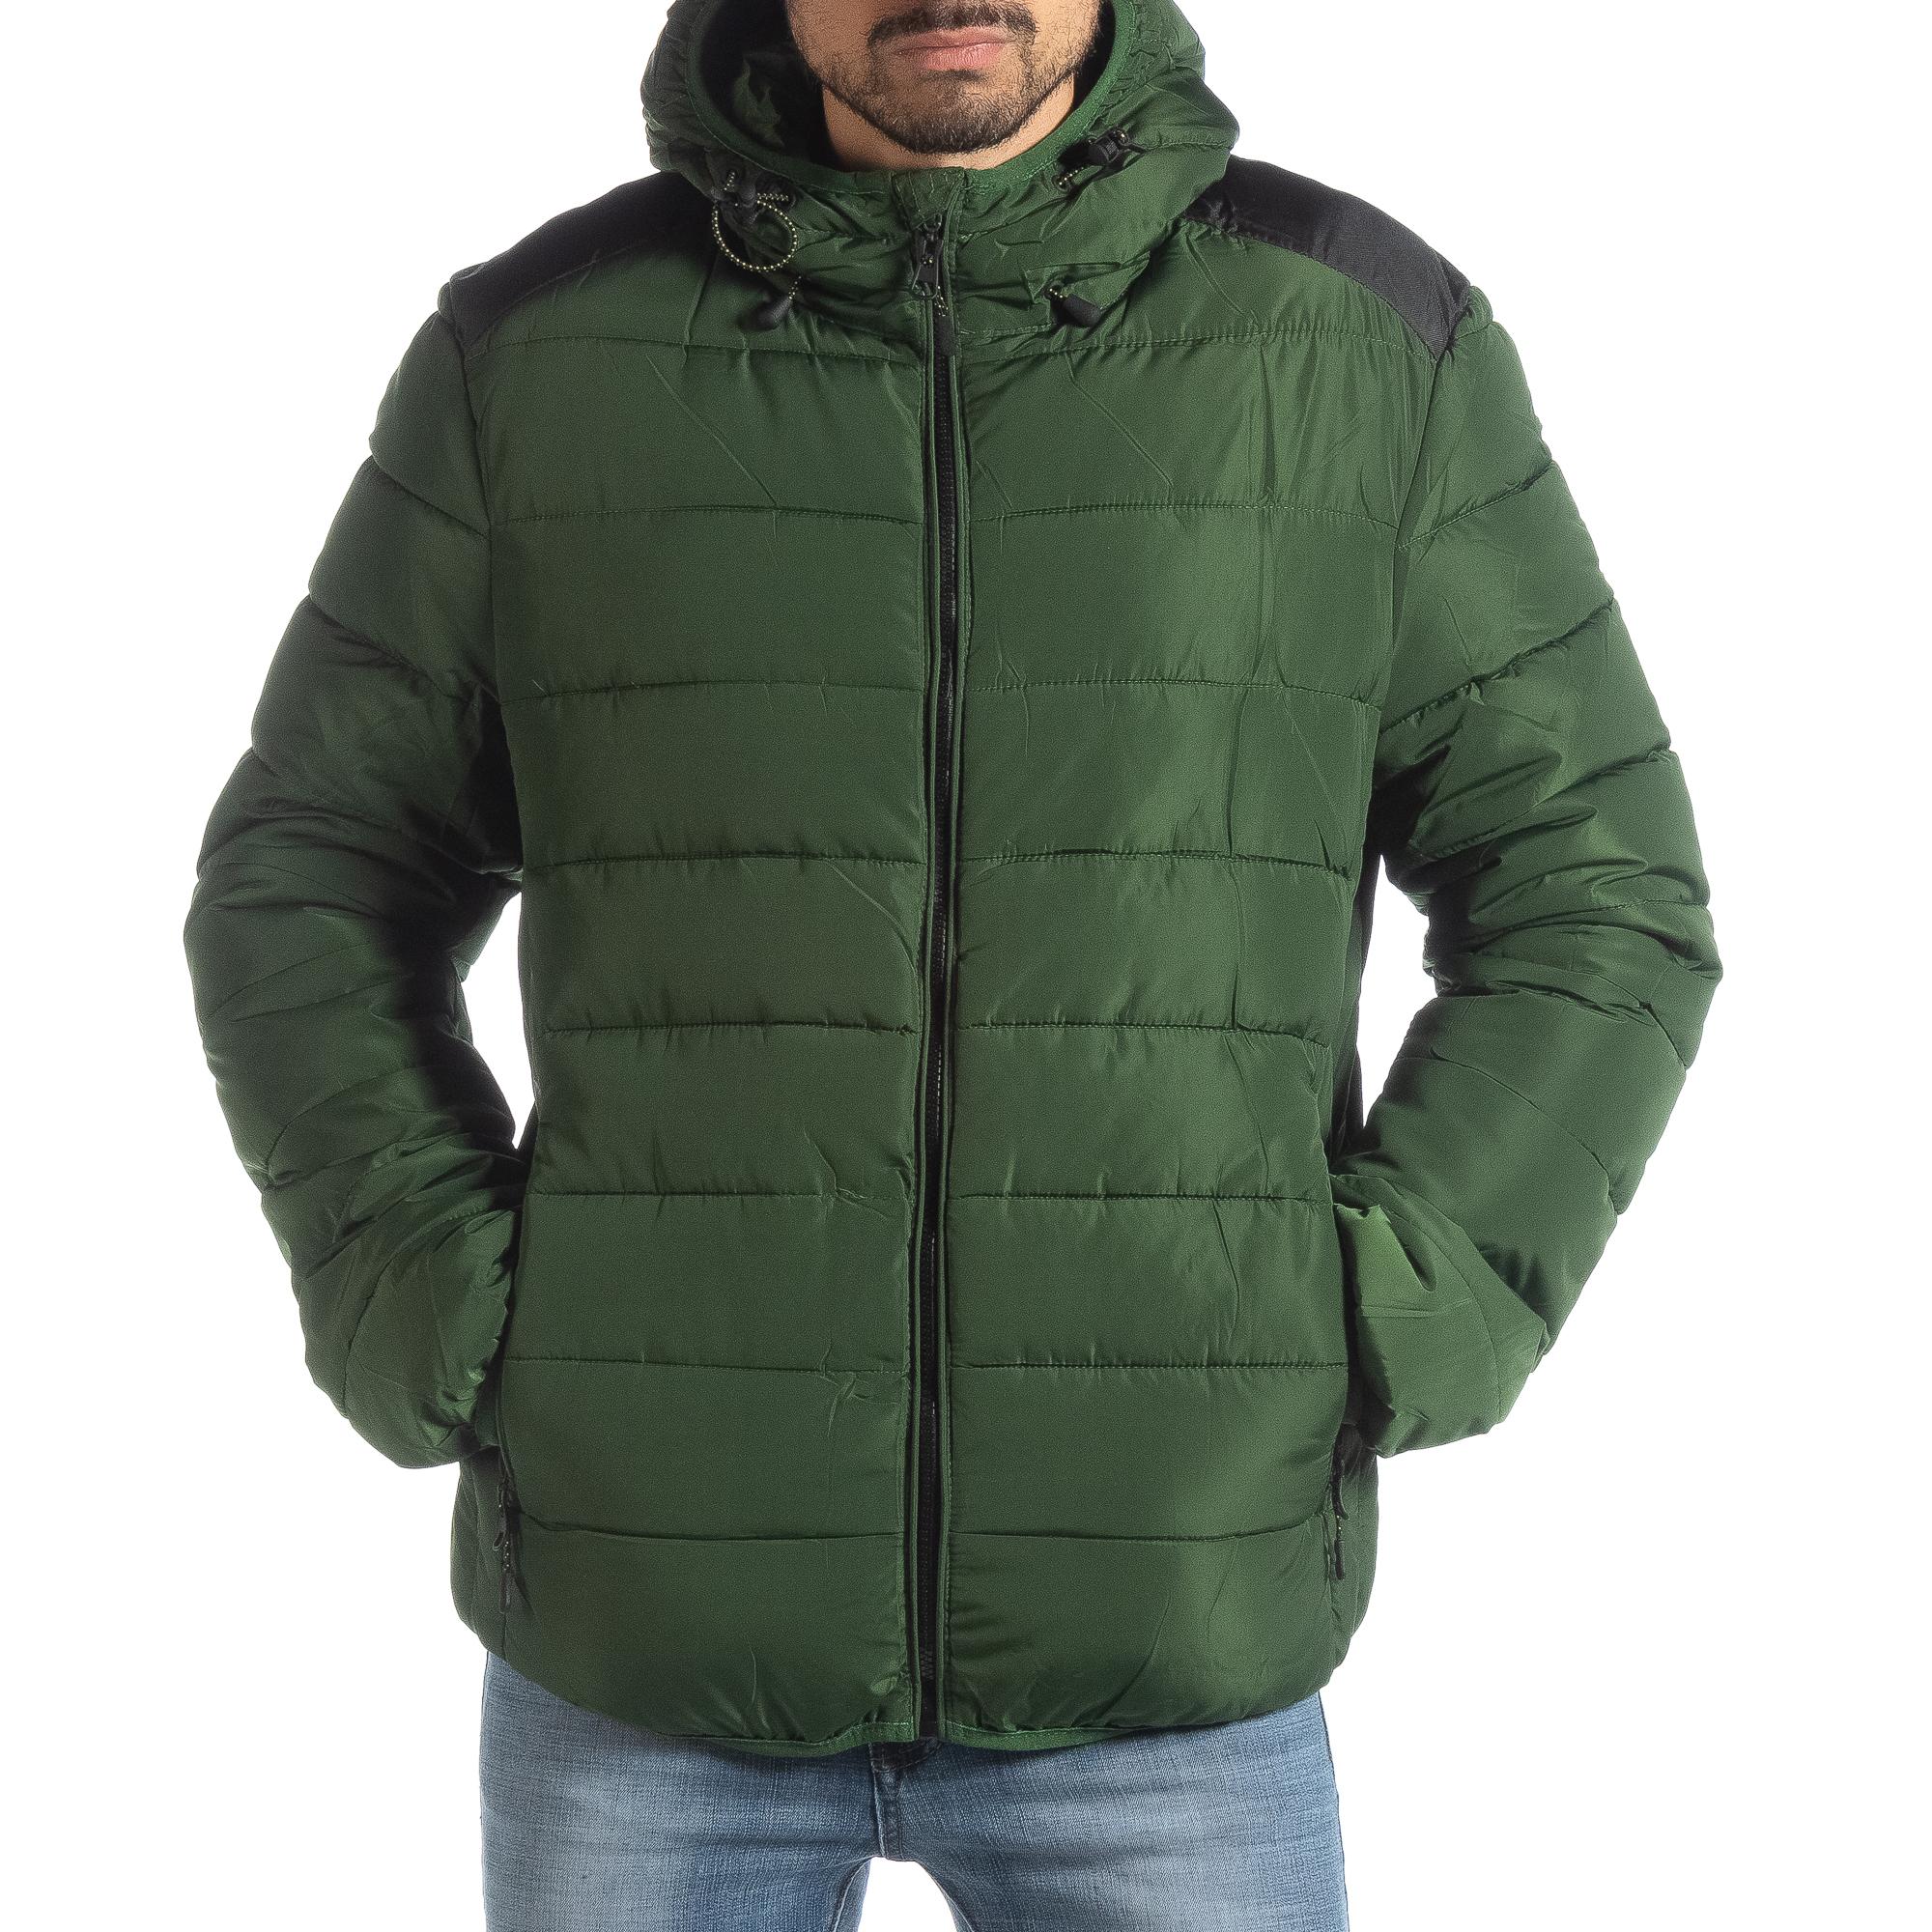 Ανδρικό πράσινο χειμερινό μπουφάν με μαύρες λεπτομέρειες f0c879d2175